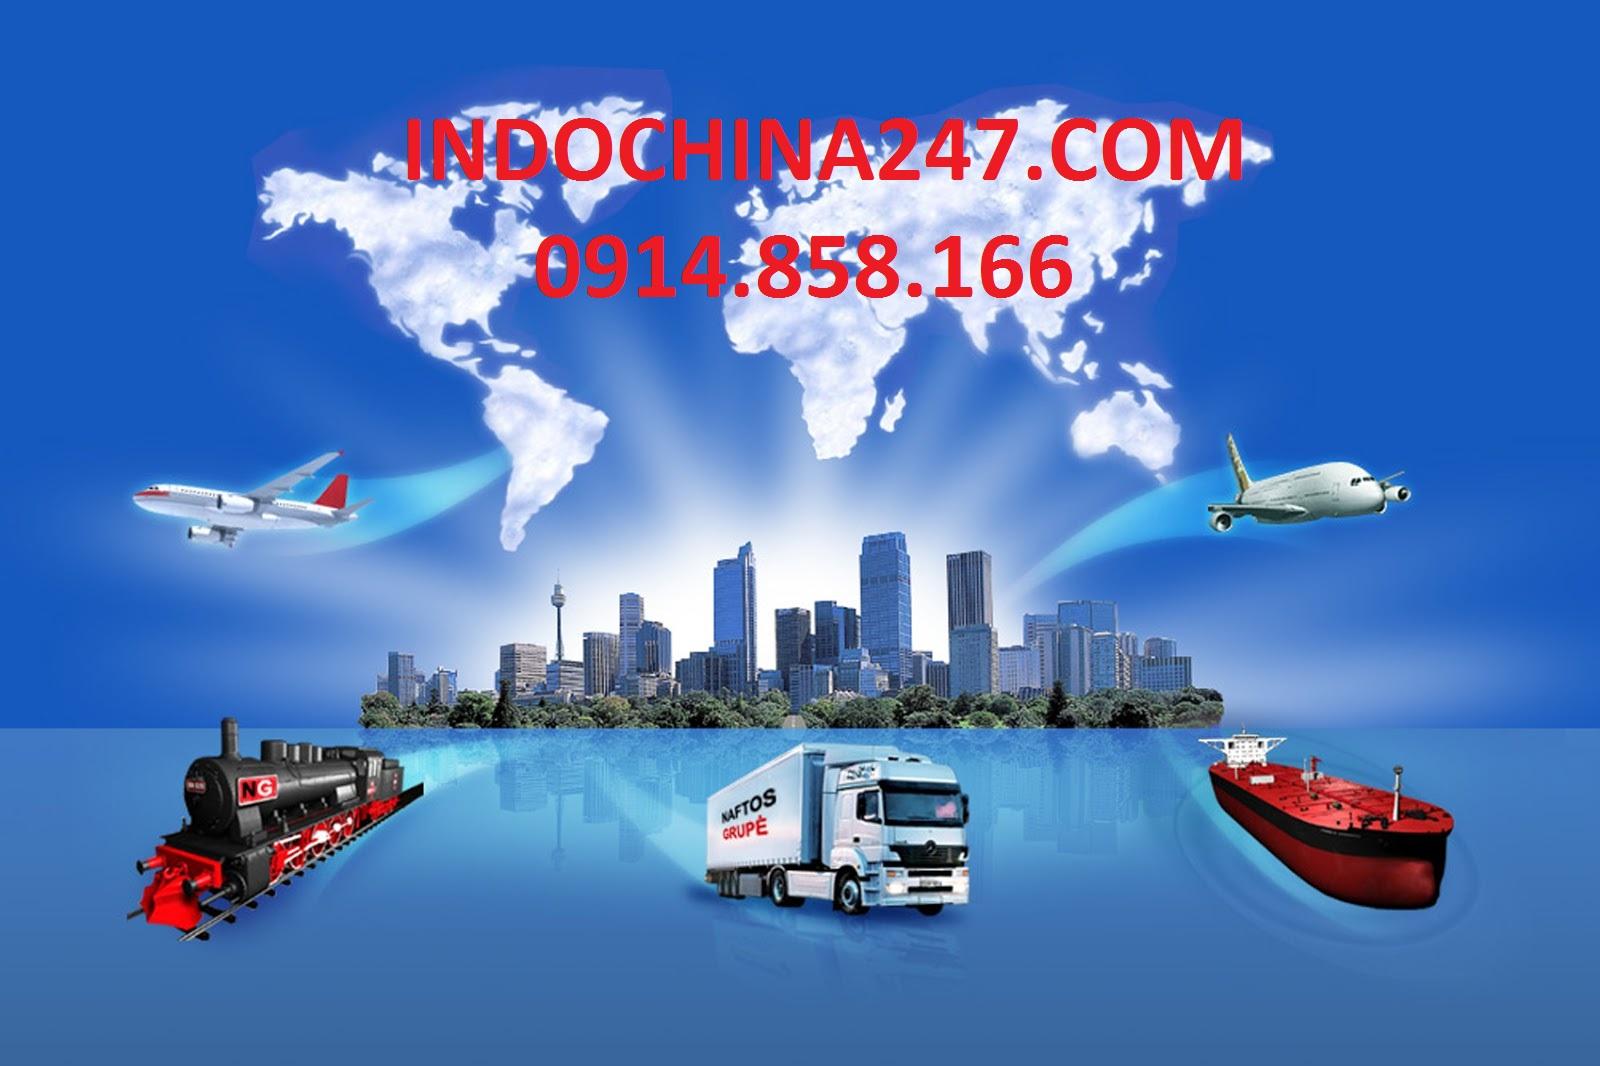 Dịch vụ vận chuyển quần áo, mỹ phẩm từ Nga về Việt Nam nhanh chóng, giá rẻ